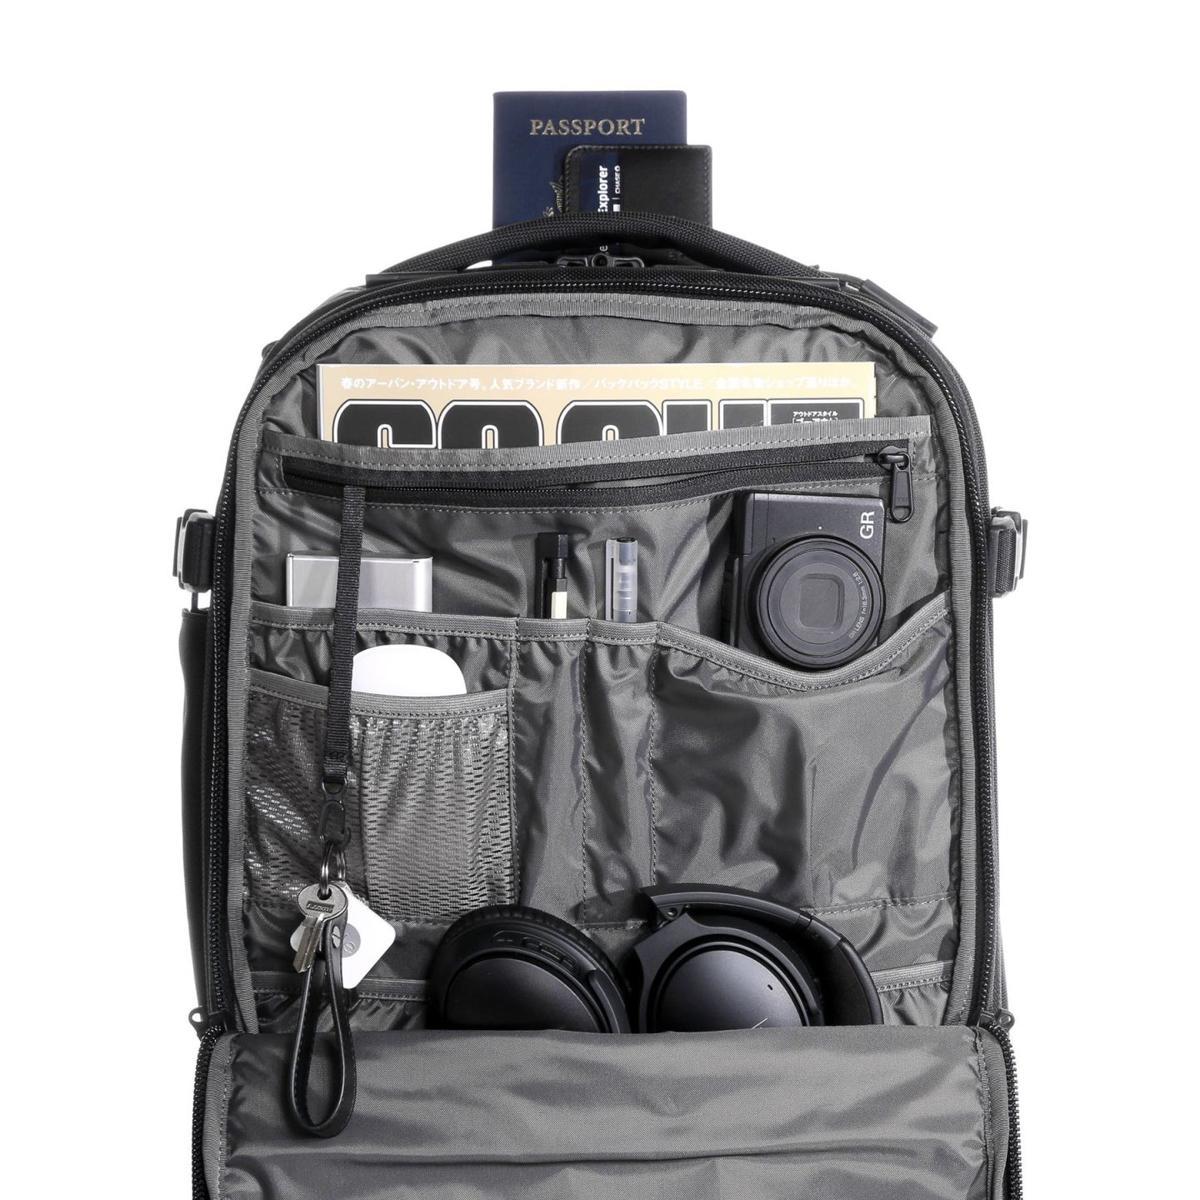 Aer backpack